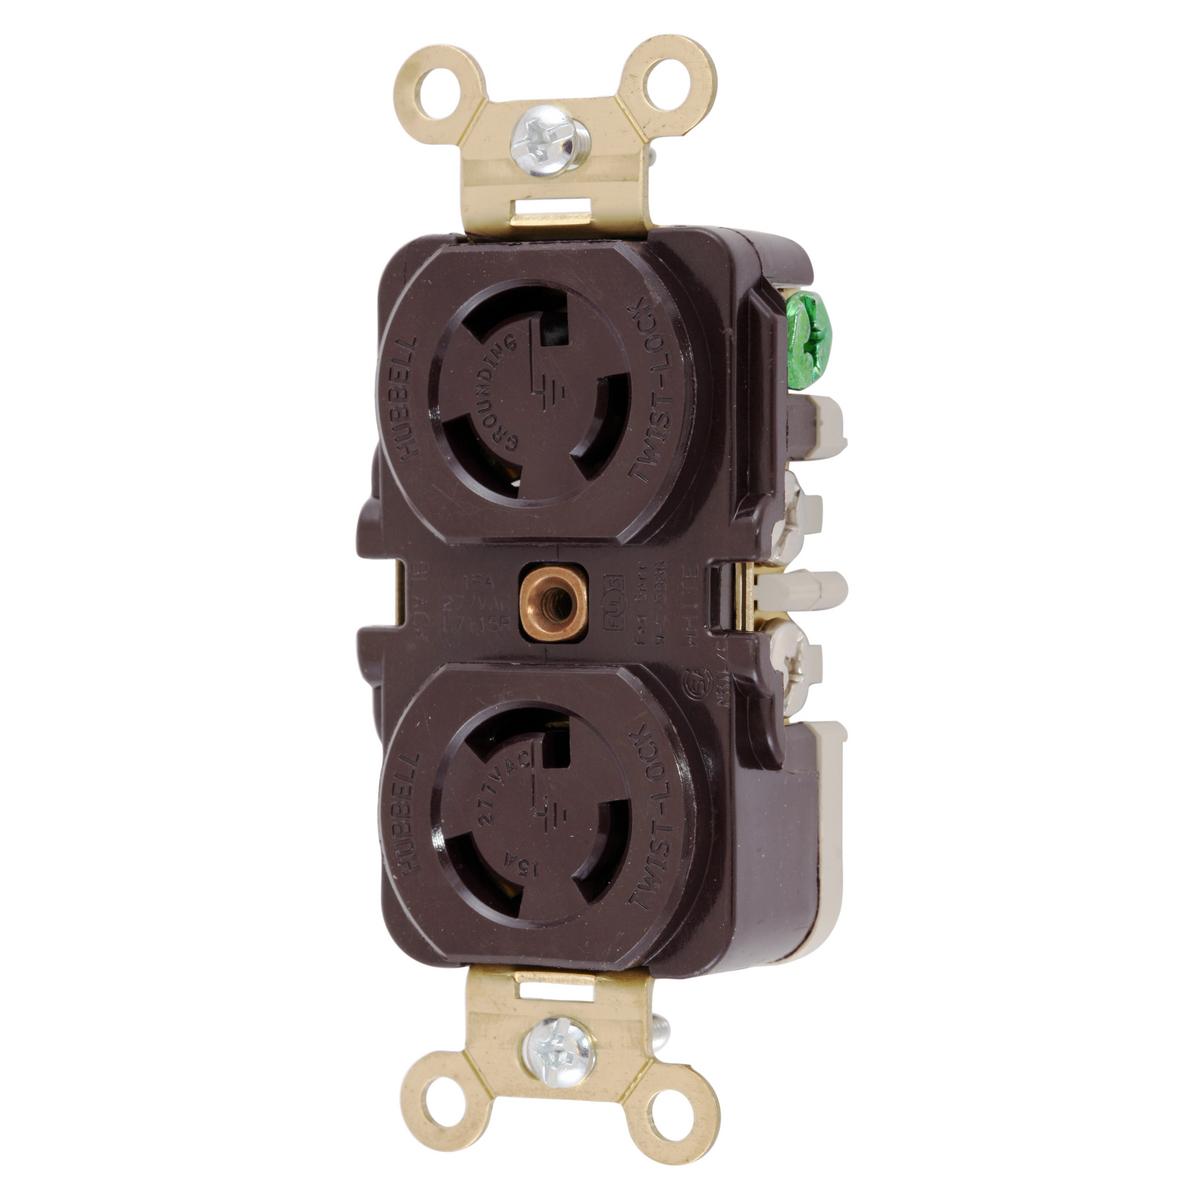 Hubbell HBL4750 15 Amp 277 VAC NEMA L7-15R Brown Duplex Locking Receptacle